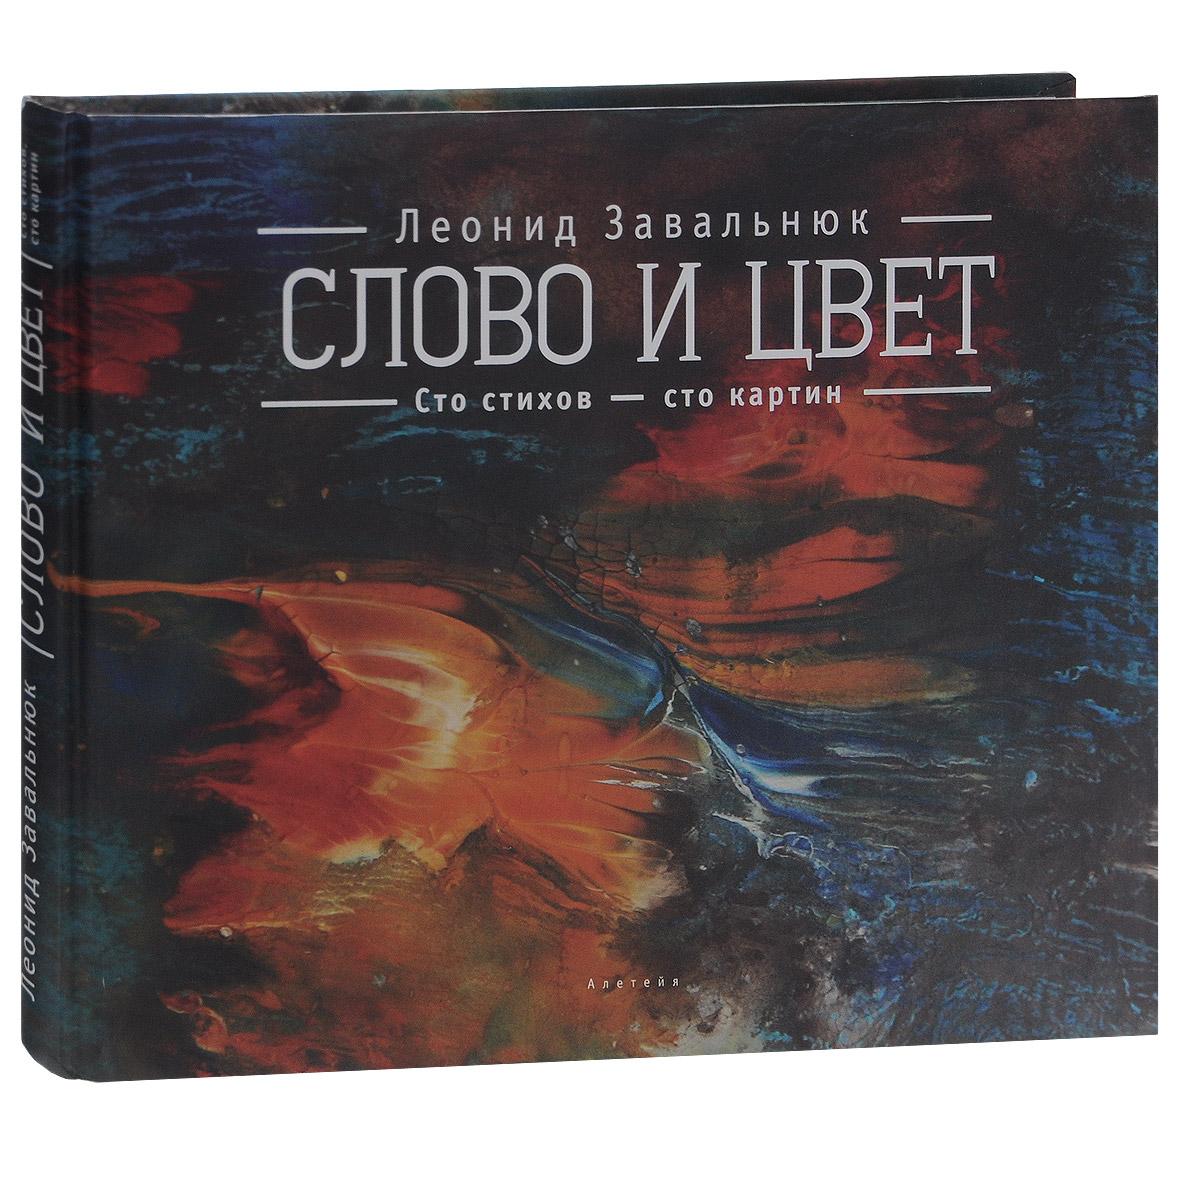 Л. Завальнюк Слово и цвет. Сто стихов - сто картин